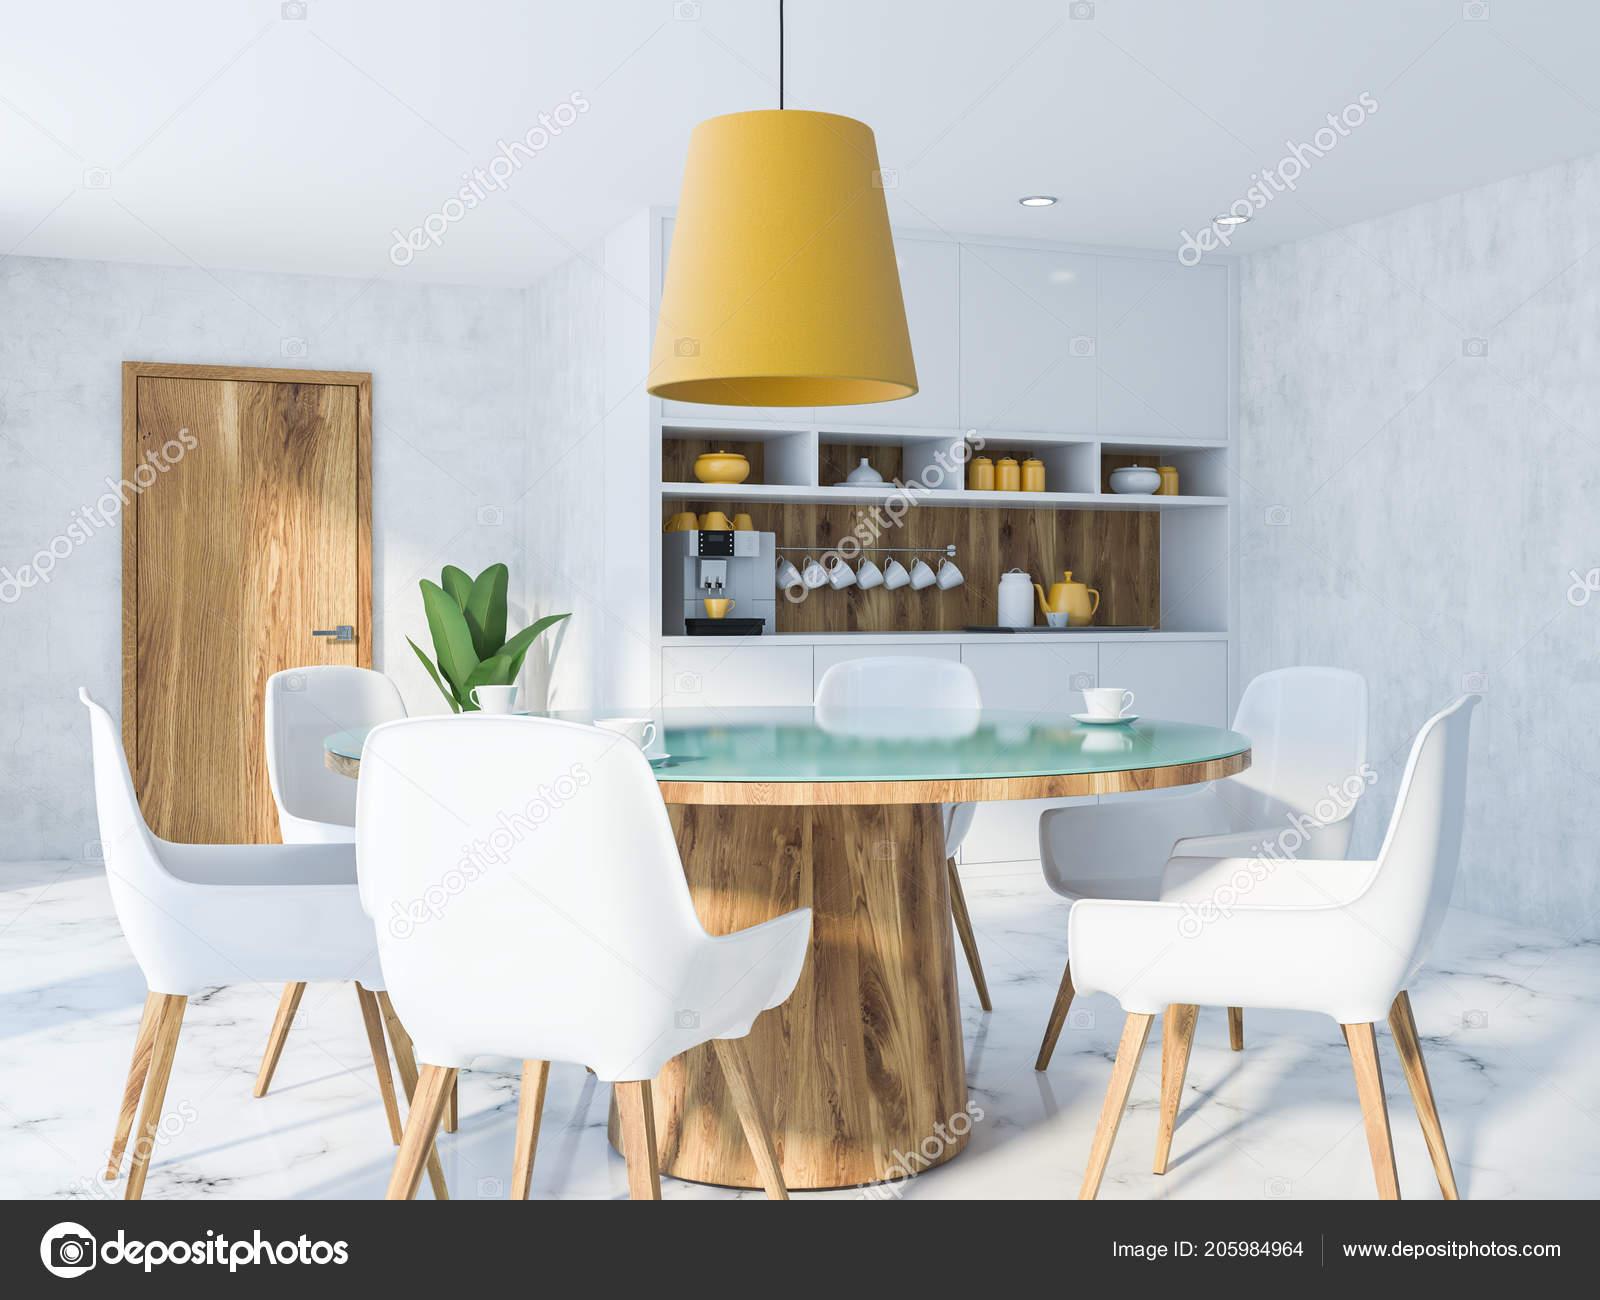 Houten Tafel Met Witte Stoelen.Gezellige Keuken Interieur Met Een Houten Tafel Witte